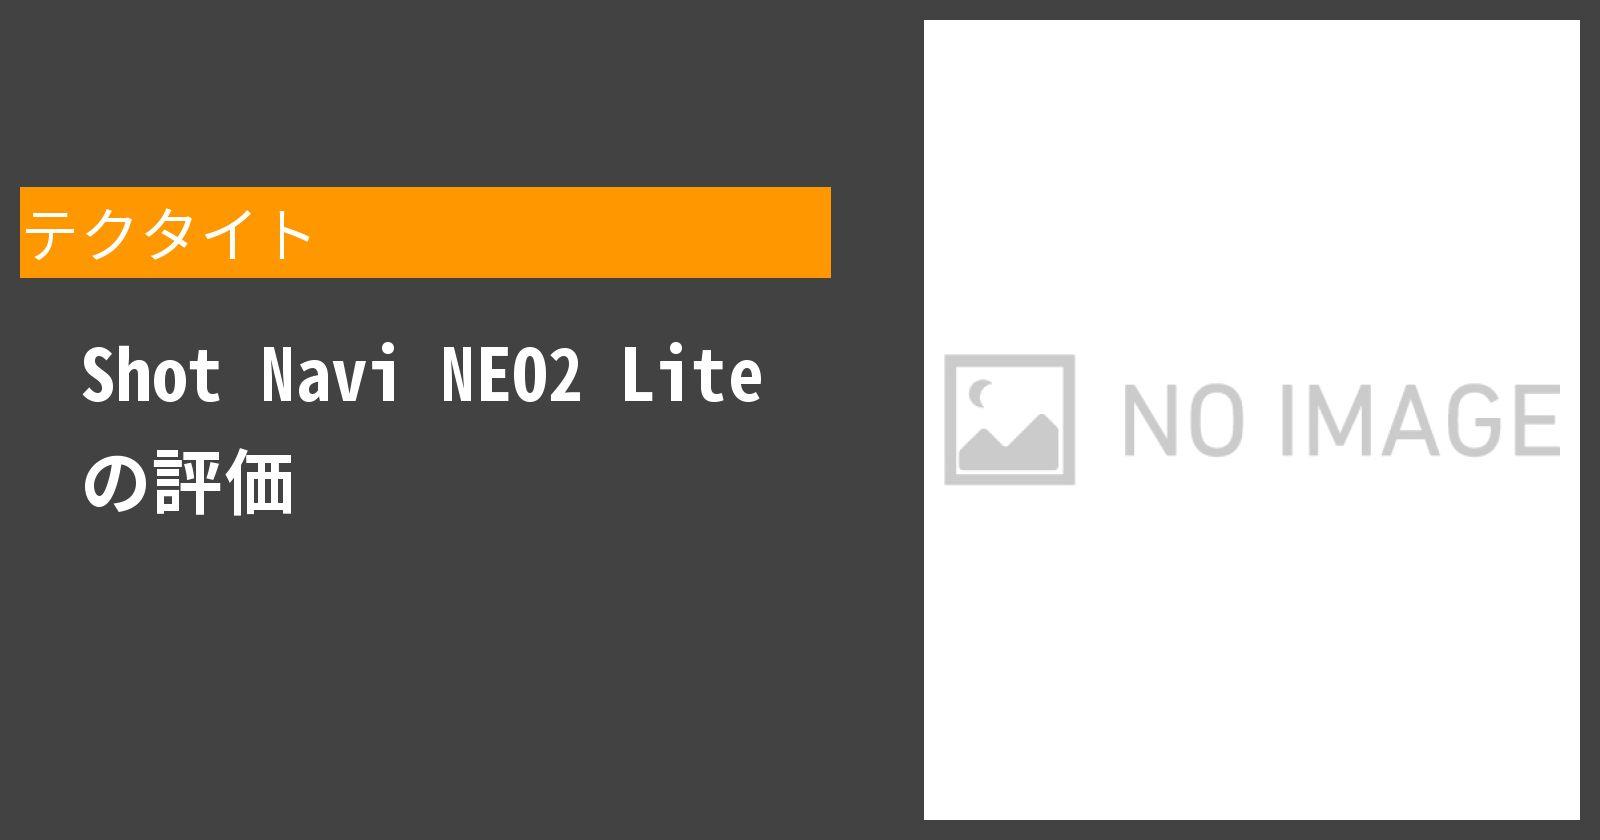 Shot Navi NEO2 Liteを徹底評価